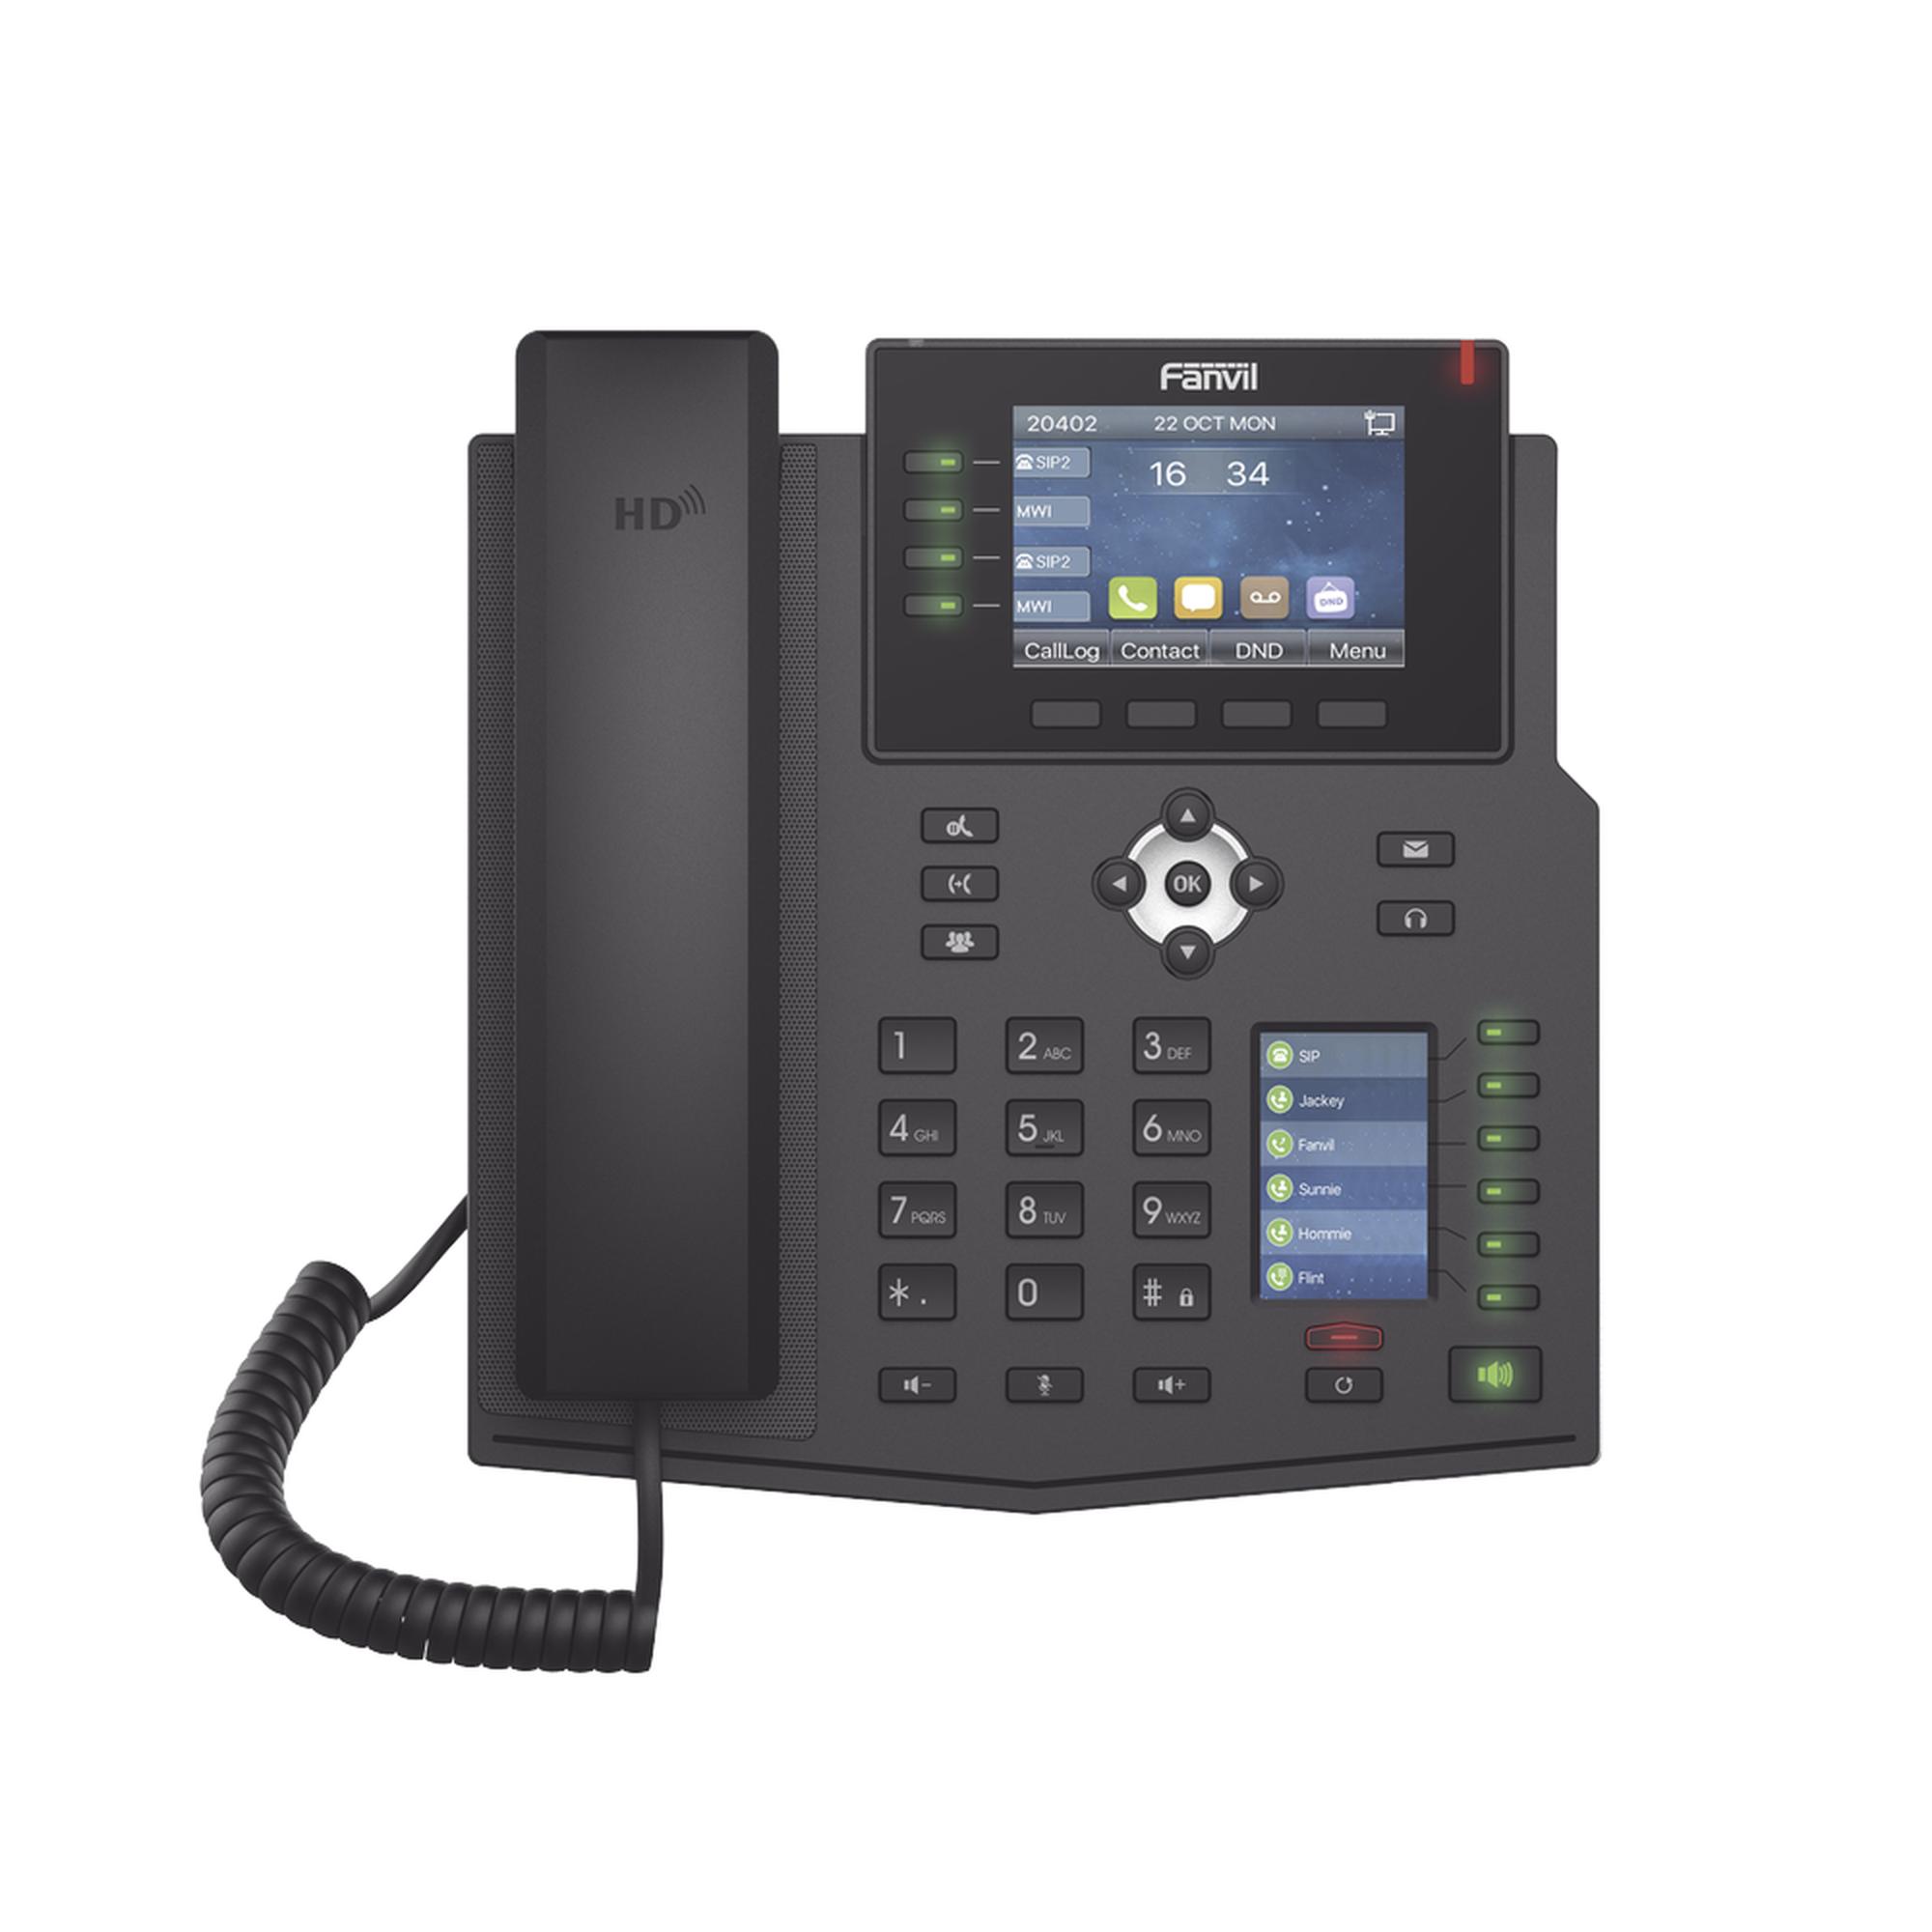 Teléfono IP Empresarial con Estándares Europeos, 16 lineas SIP con pantalla LCD a color, 30 teclas DSS/BLF, puertos Gigabit, IPv6, Opus y conferencia de 3 vías, PoE/DC (incluye fuente).